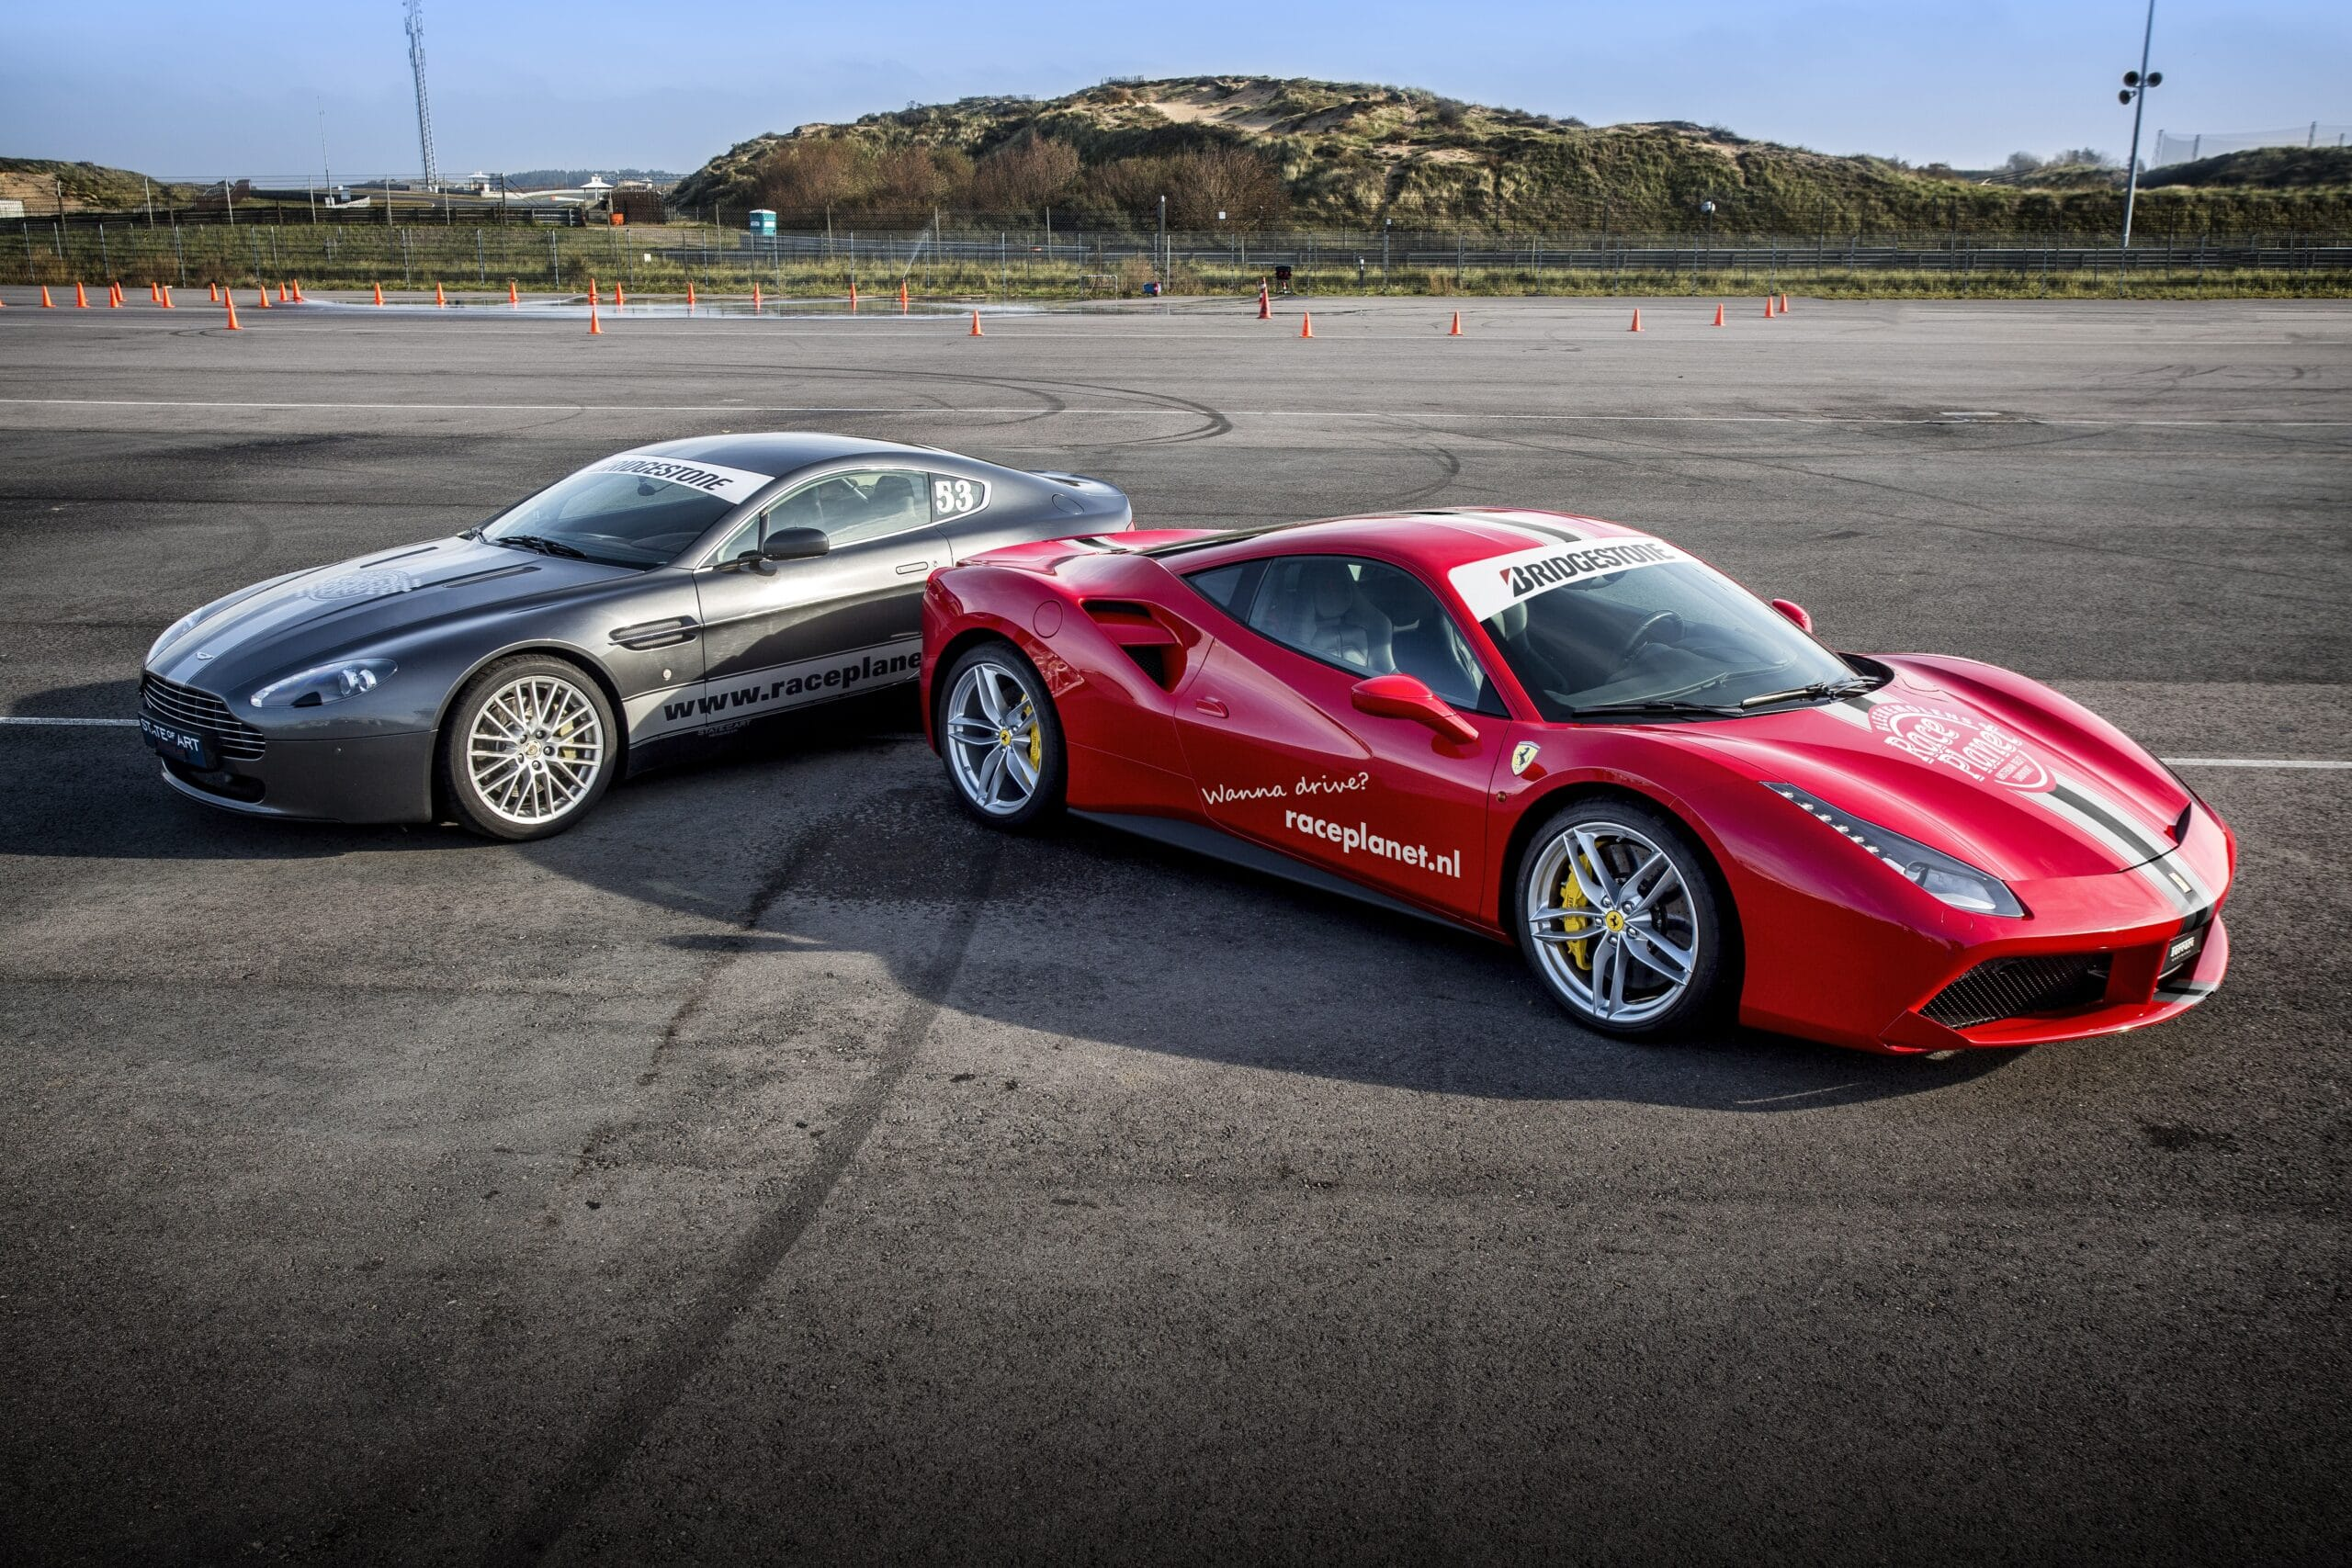 Grijze Aston Martin V8 Vantage en een Rode Ferrari 488 GTB staan om te rijden op Circuit Zandvoort tijdens een Race Experience van Race Planet